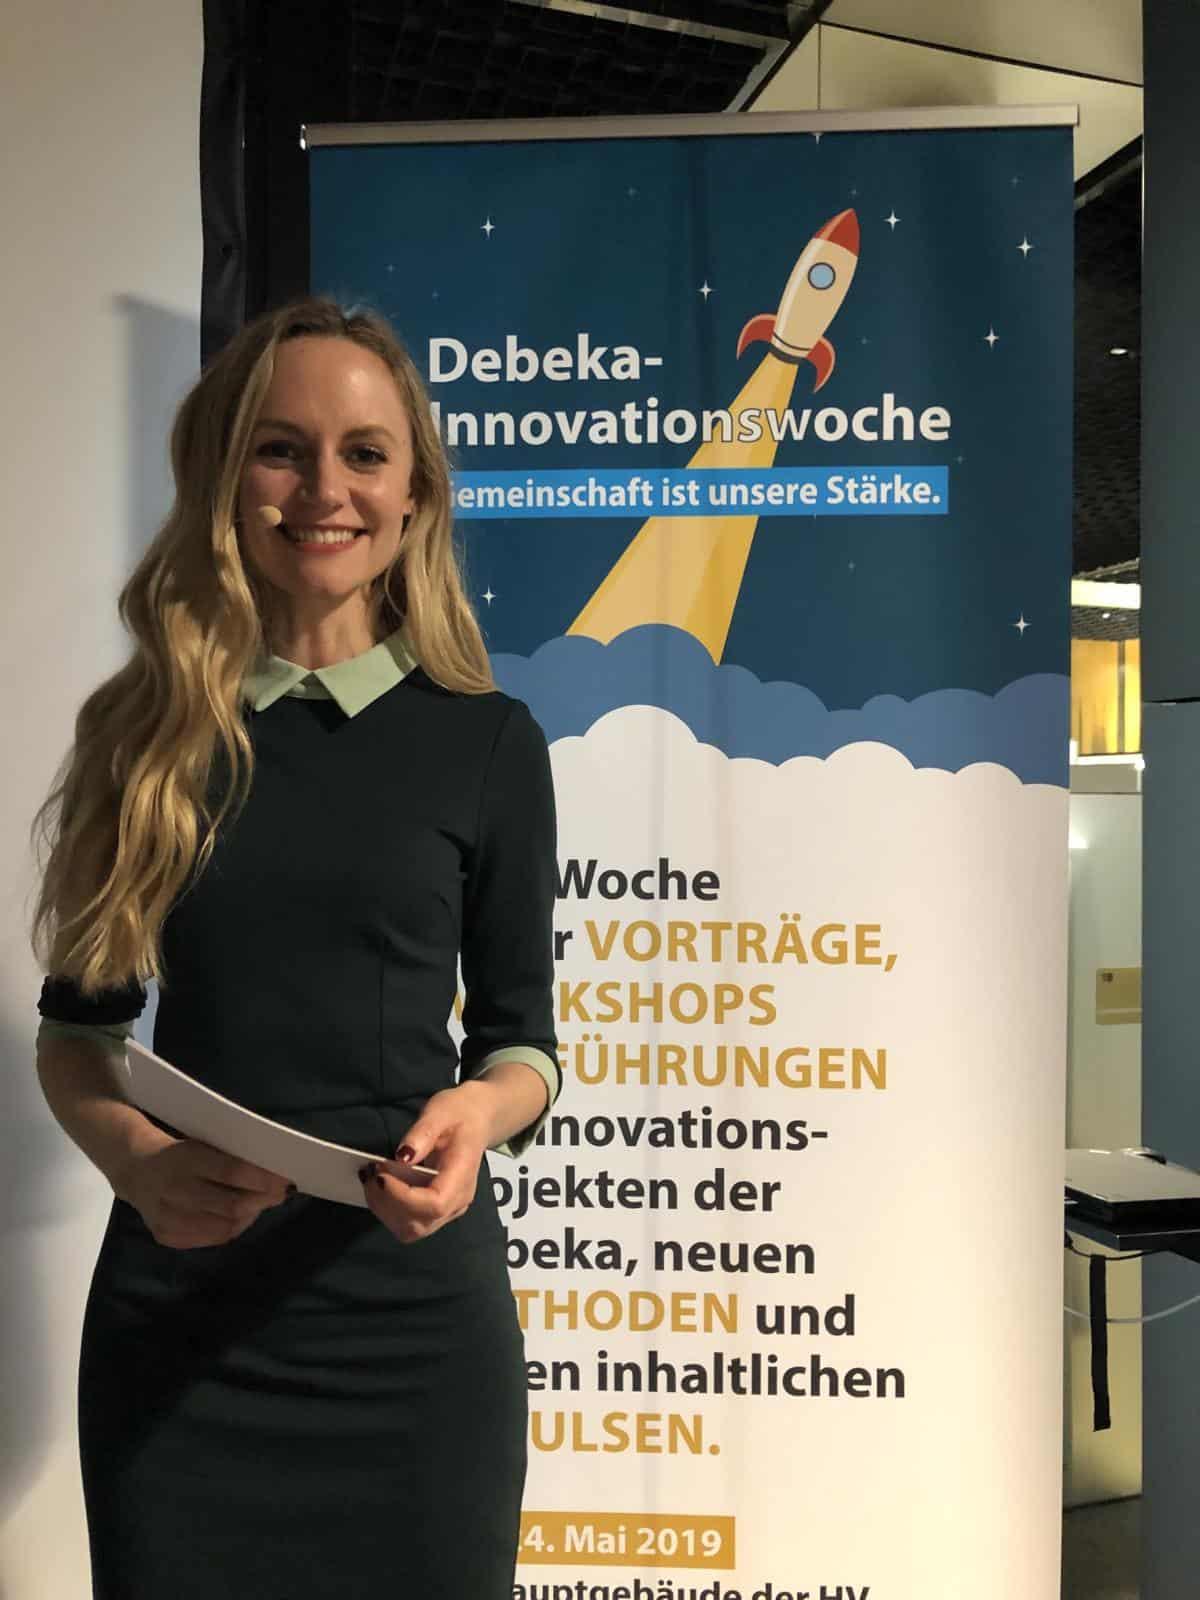 Janina Treis moderiert die Innovationswoche der Debeka und führt durch den Vorstands-Podiumstalk zum Thema ´Fehlerkultur´.